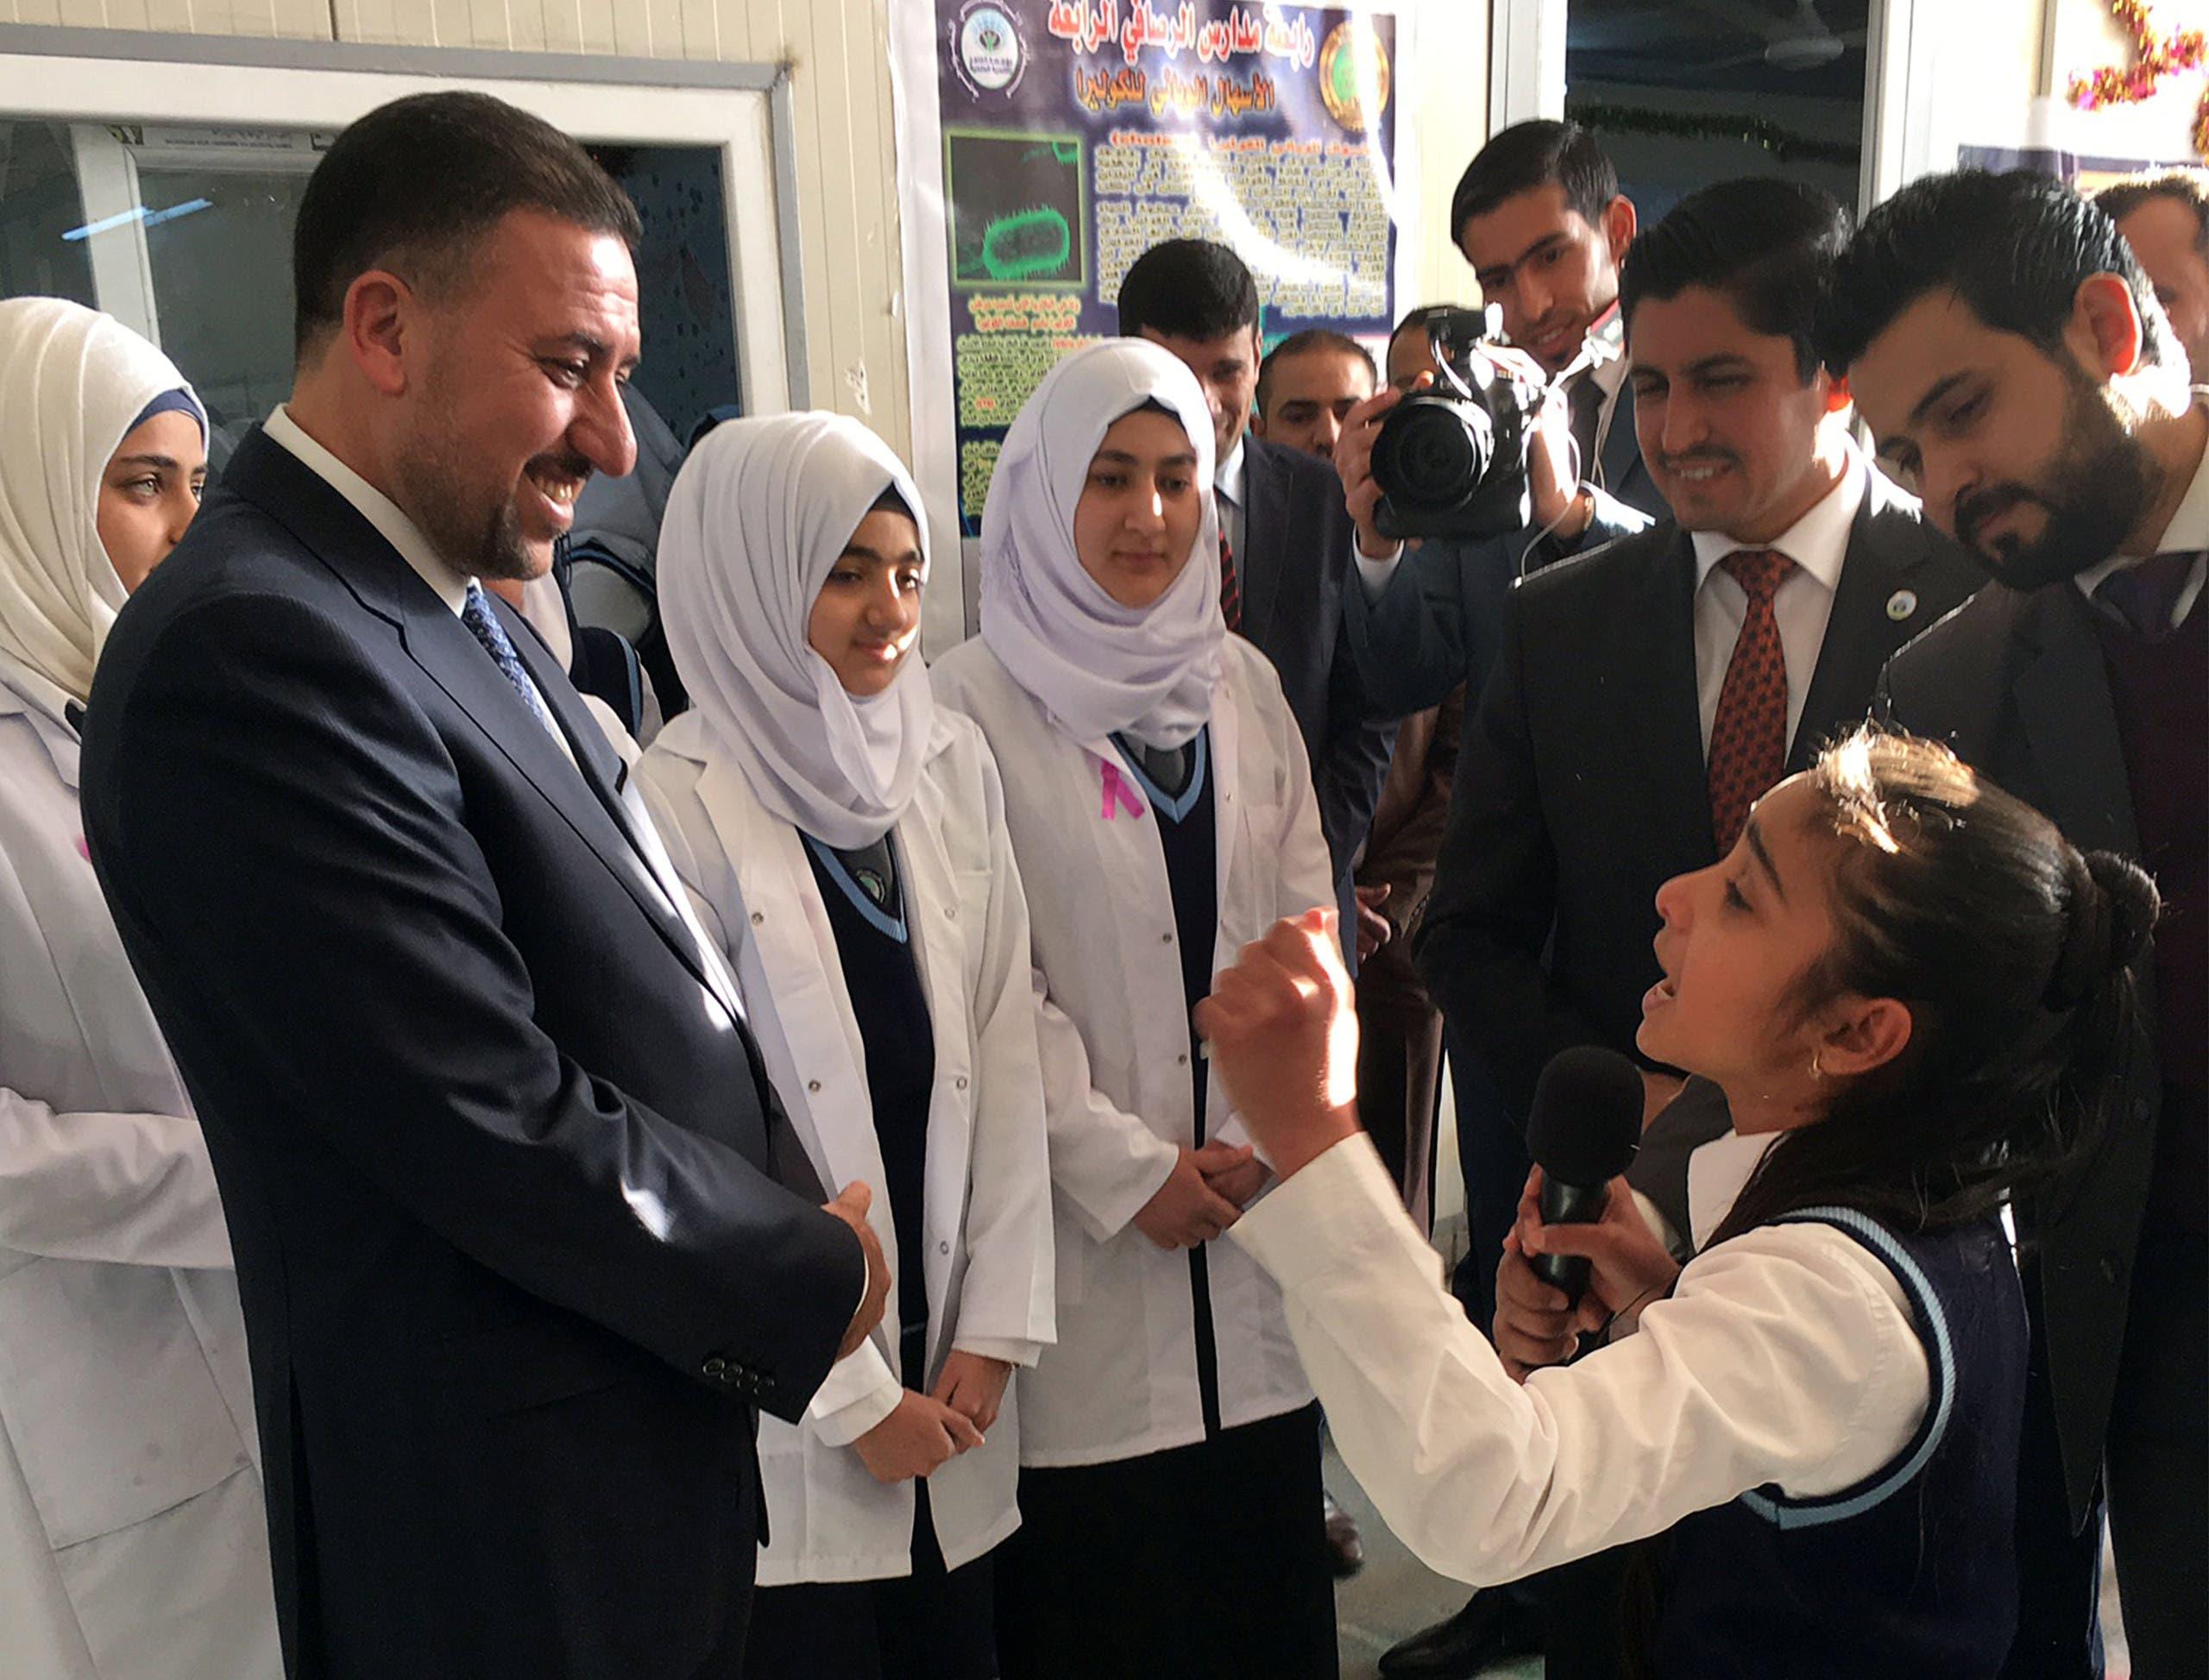 Khamis Khanjar, (2nd L) a Sunni multimillionaire, visits displaced Sunni Iraqis at a school he funds in Iraqi Kurdistan, Iraq, February 16, 2016. (reuters)